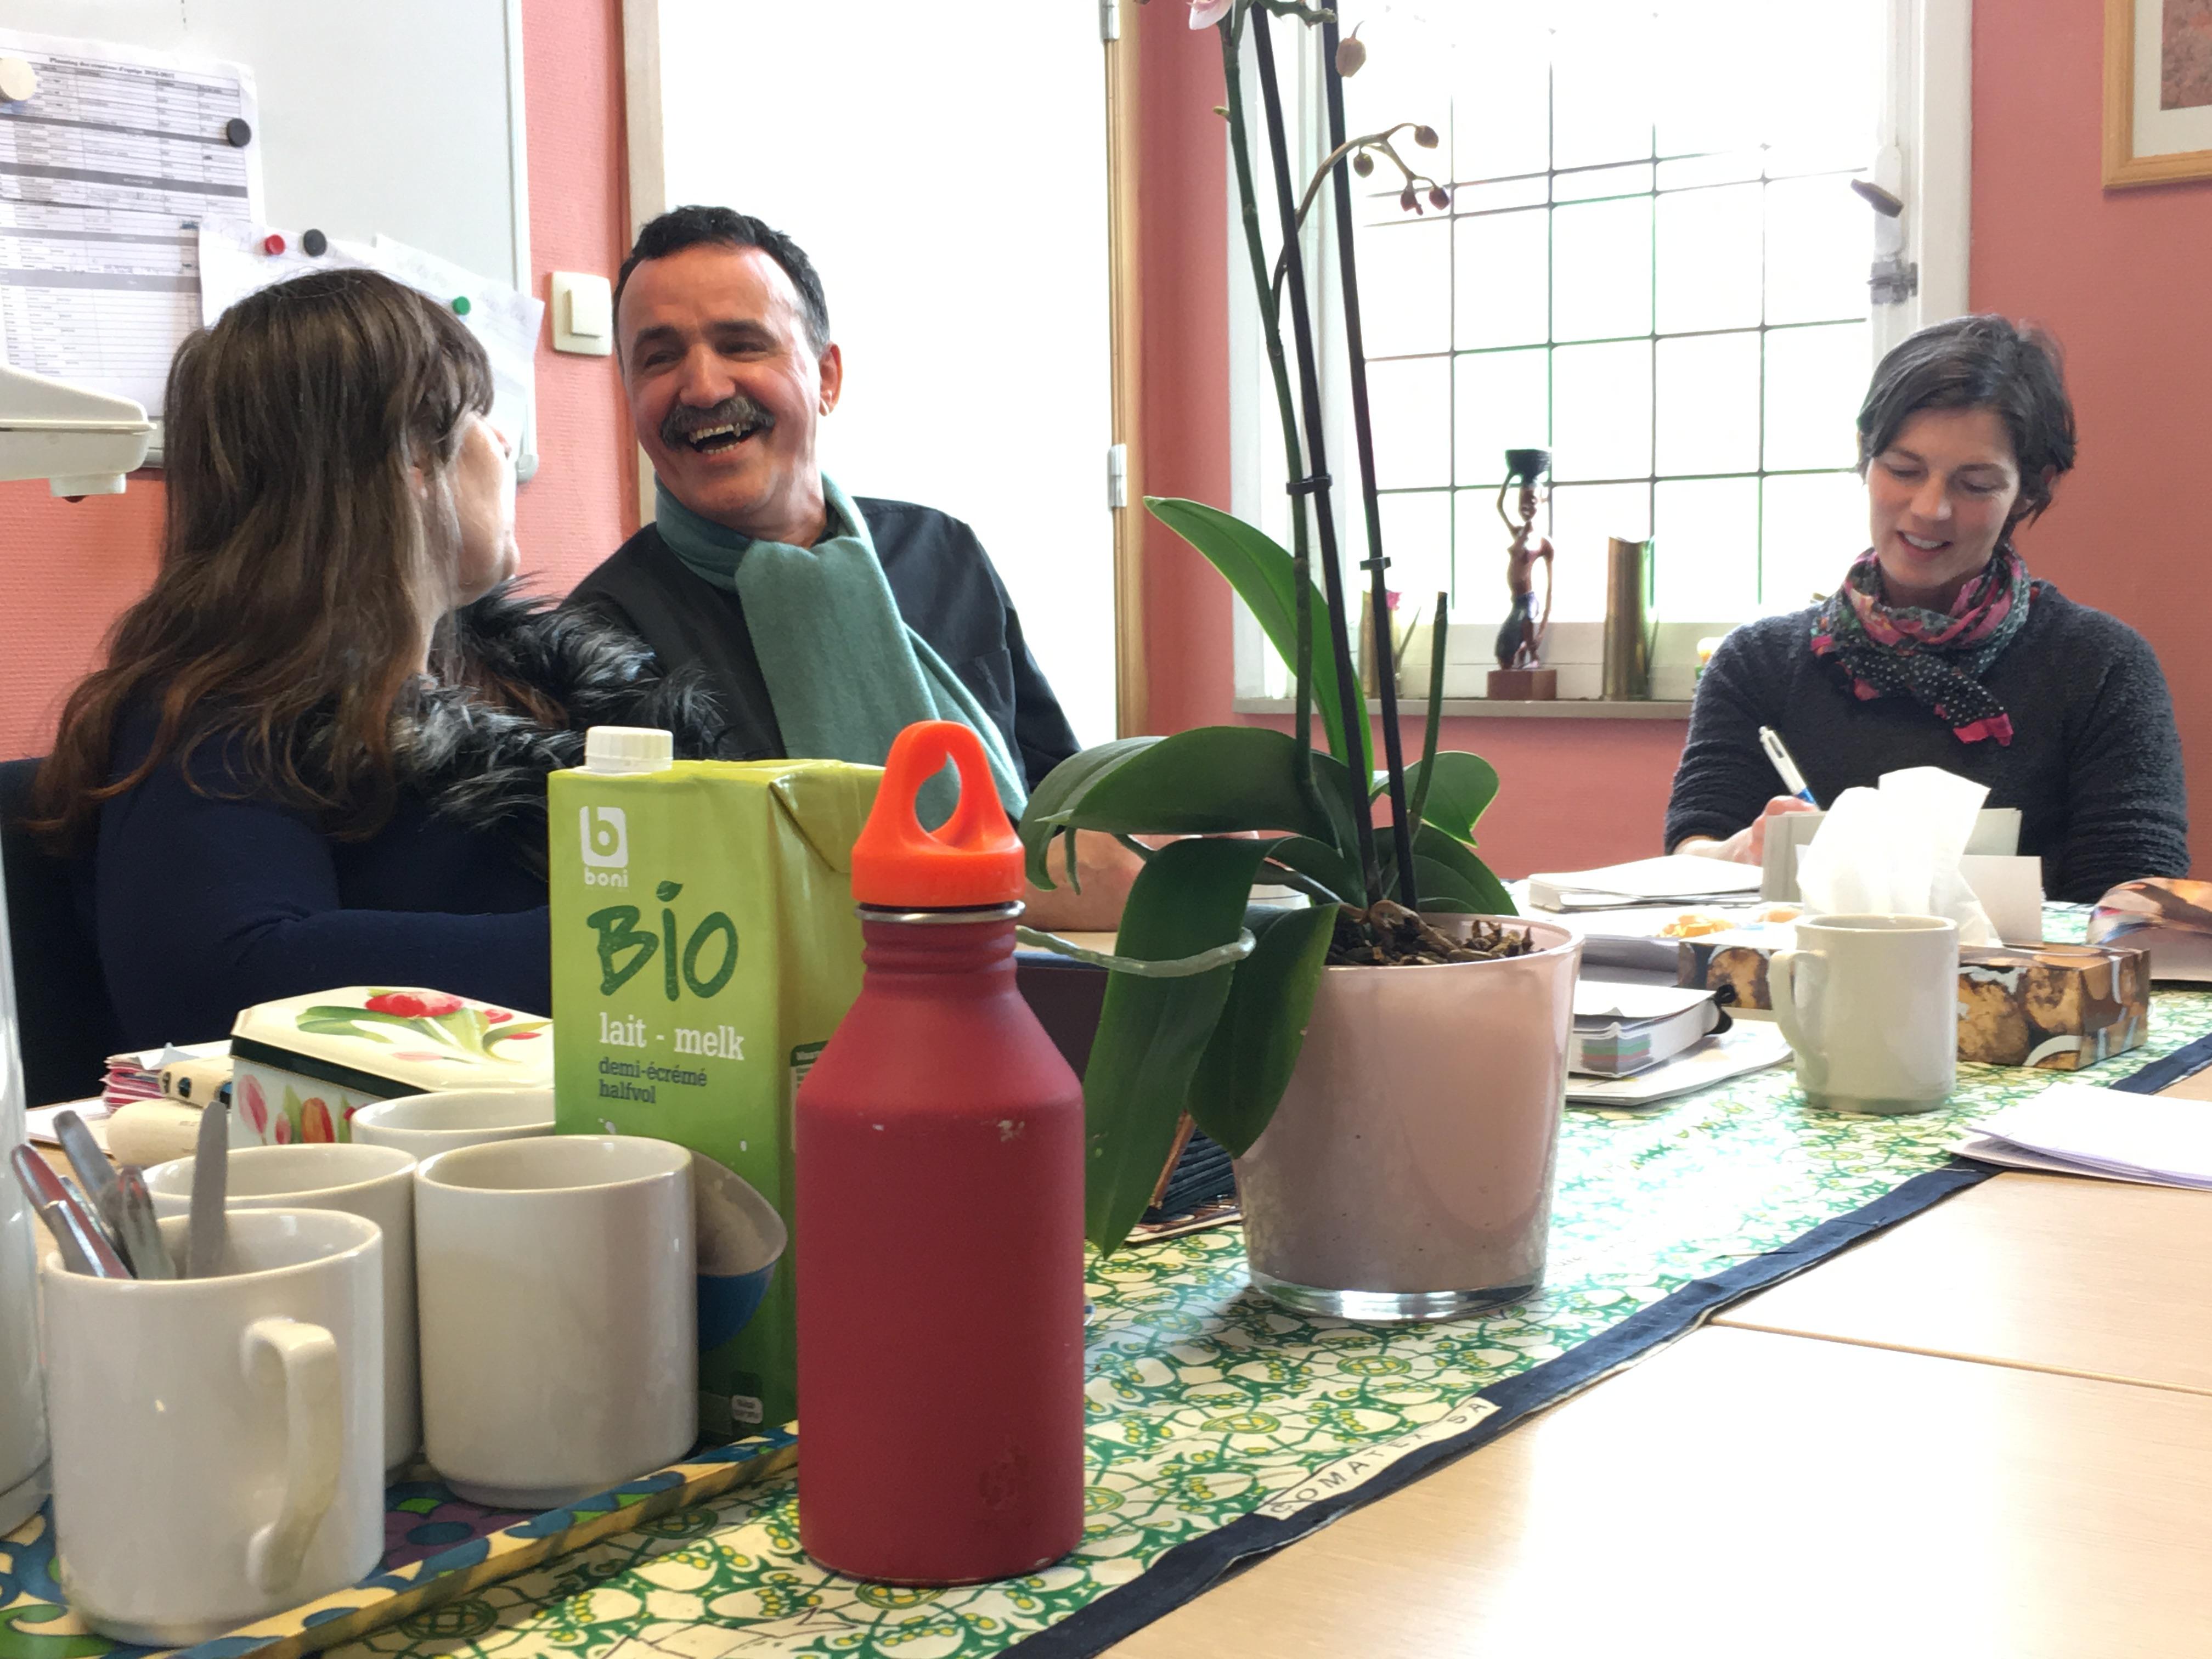 Une association de patients au coeur de la Maison médicale du Vieux Molenbeek